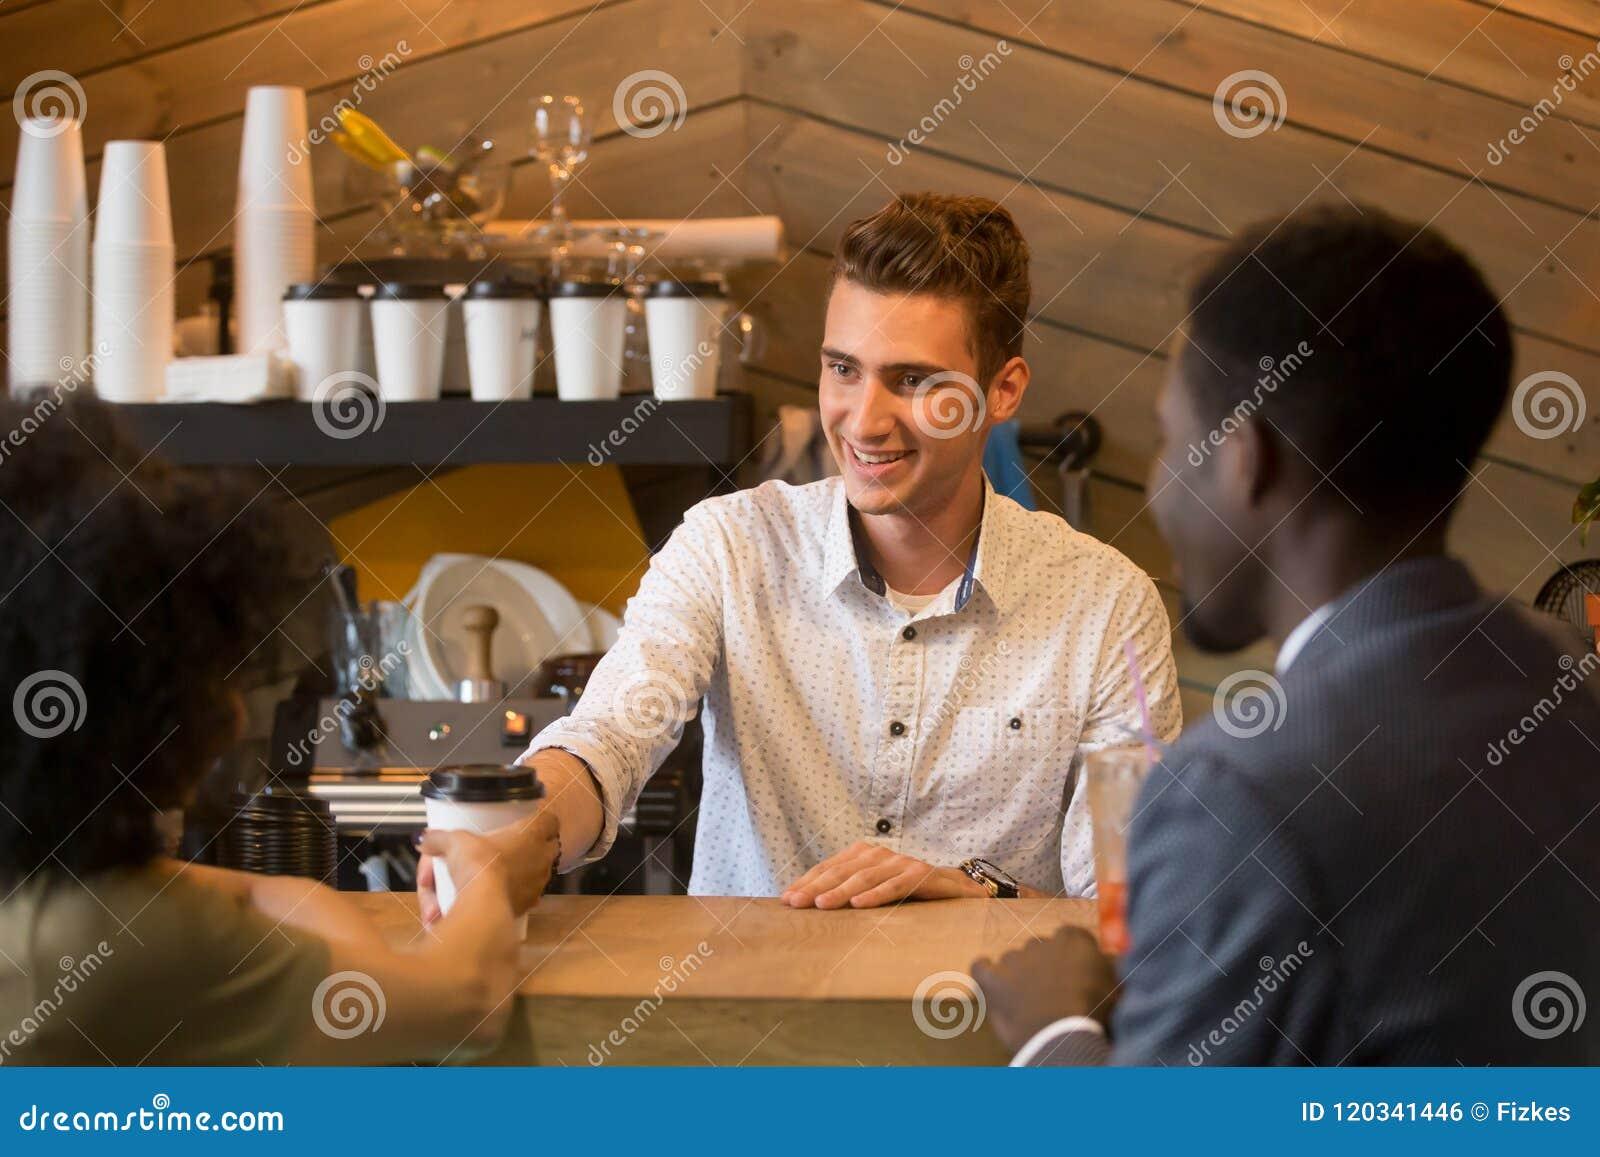 dating bartender girl